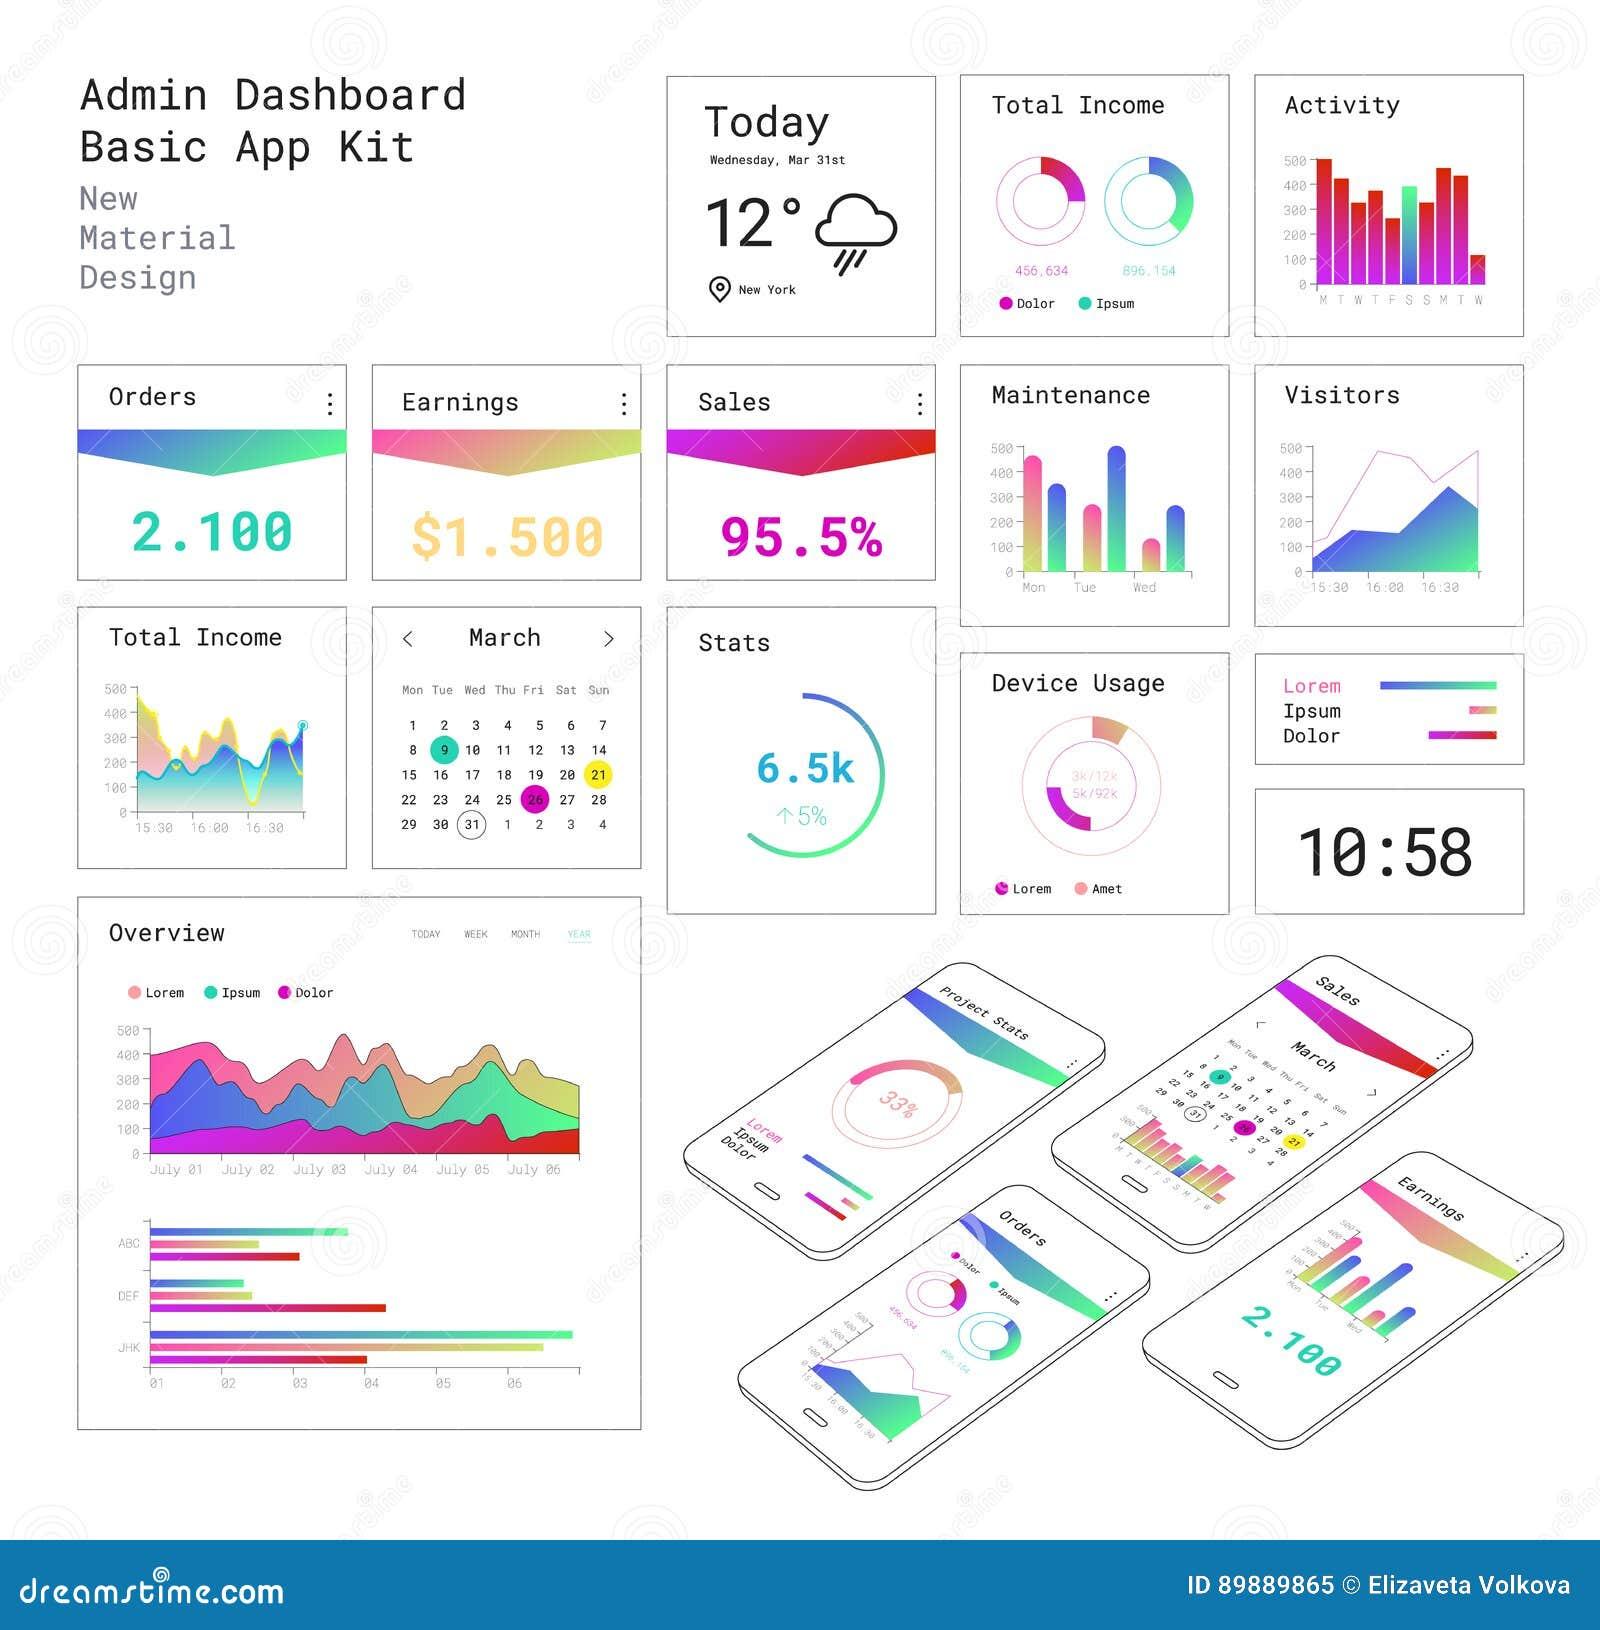 Het vlakke Dashboard UI mobiele app van ontwerp ontvankelijke Admin